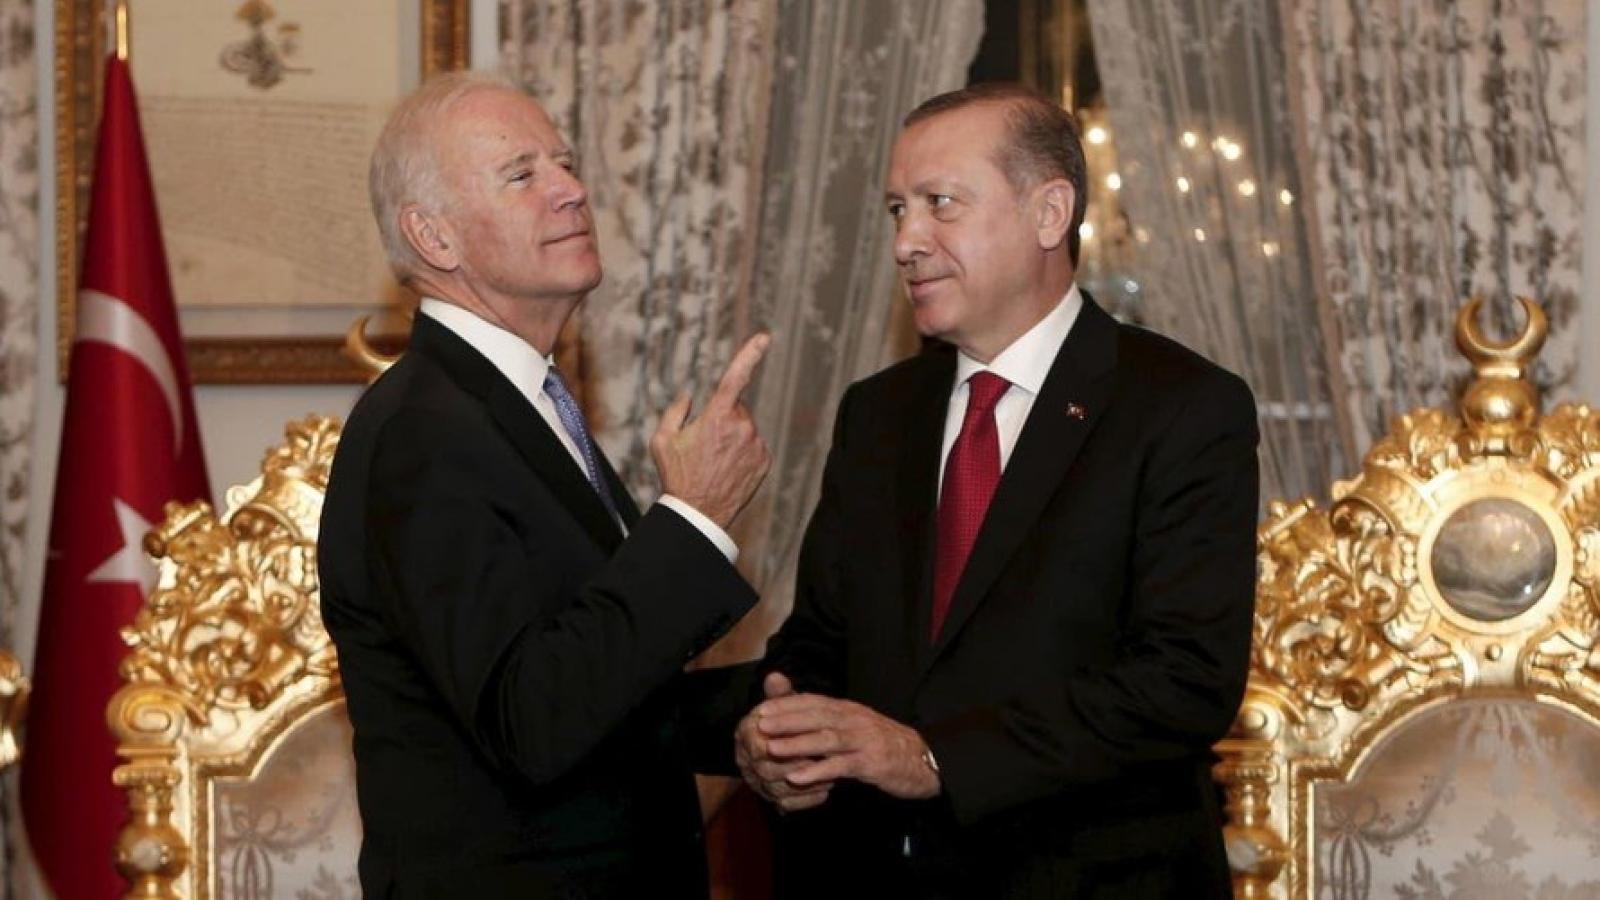 Quan hệ Mỹ - Thổ Nhĩ Kỳ căng thẳng vì vấn đề Armenia